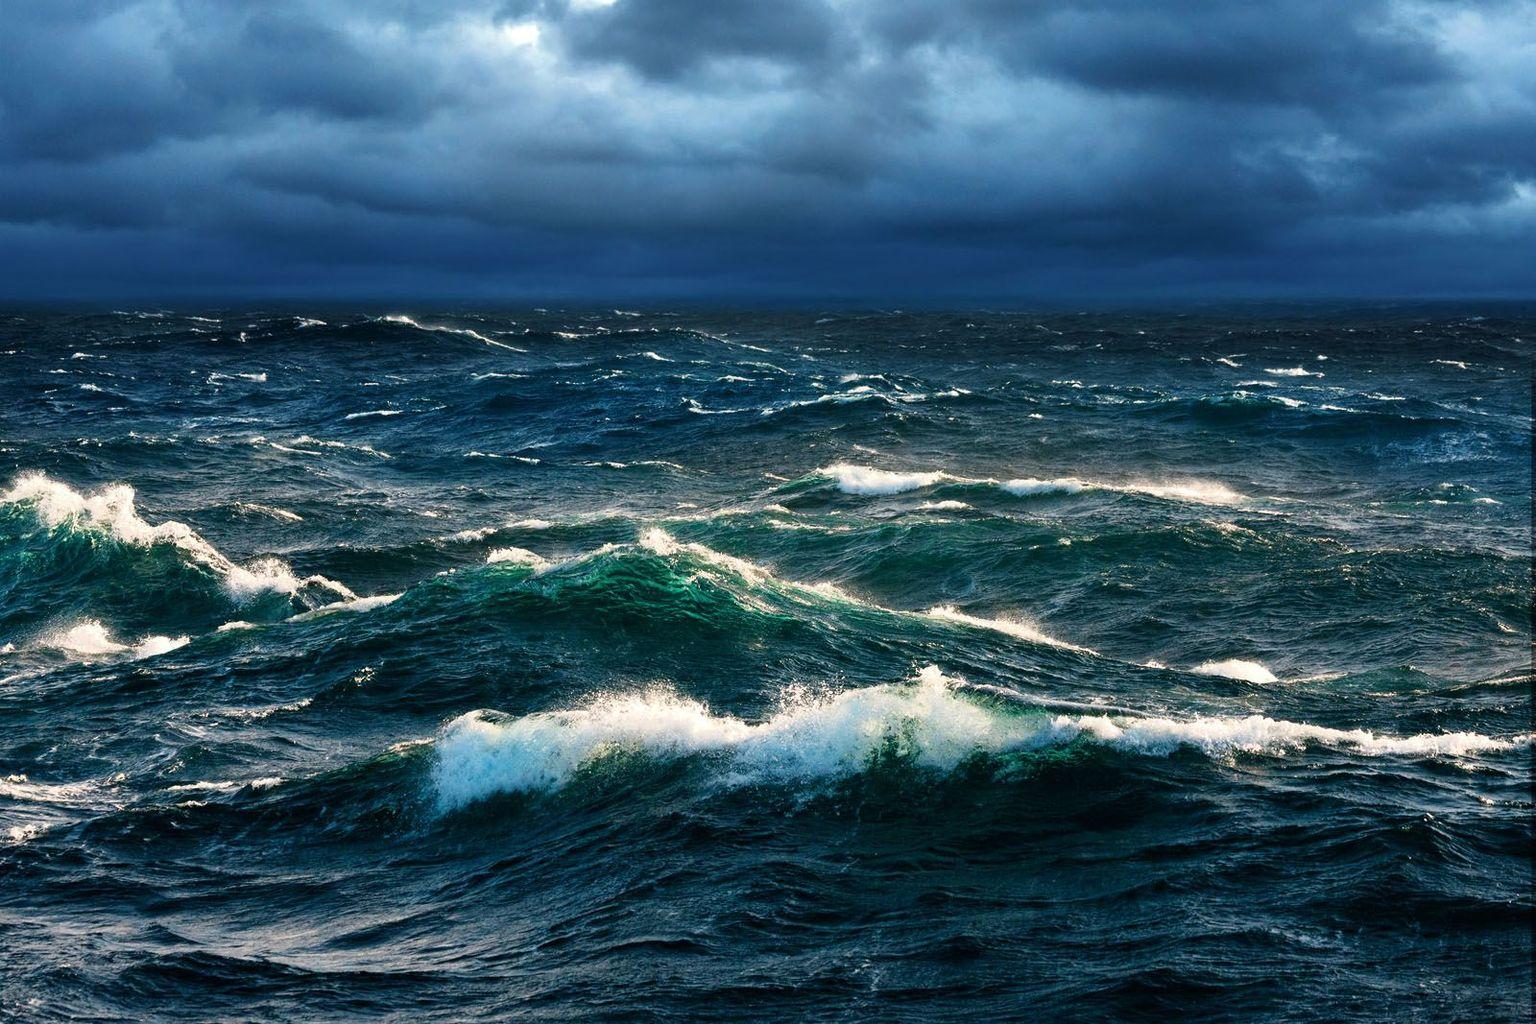 шторм в океане картинка на телефон имя было популярно